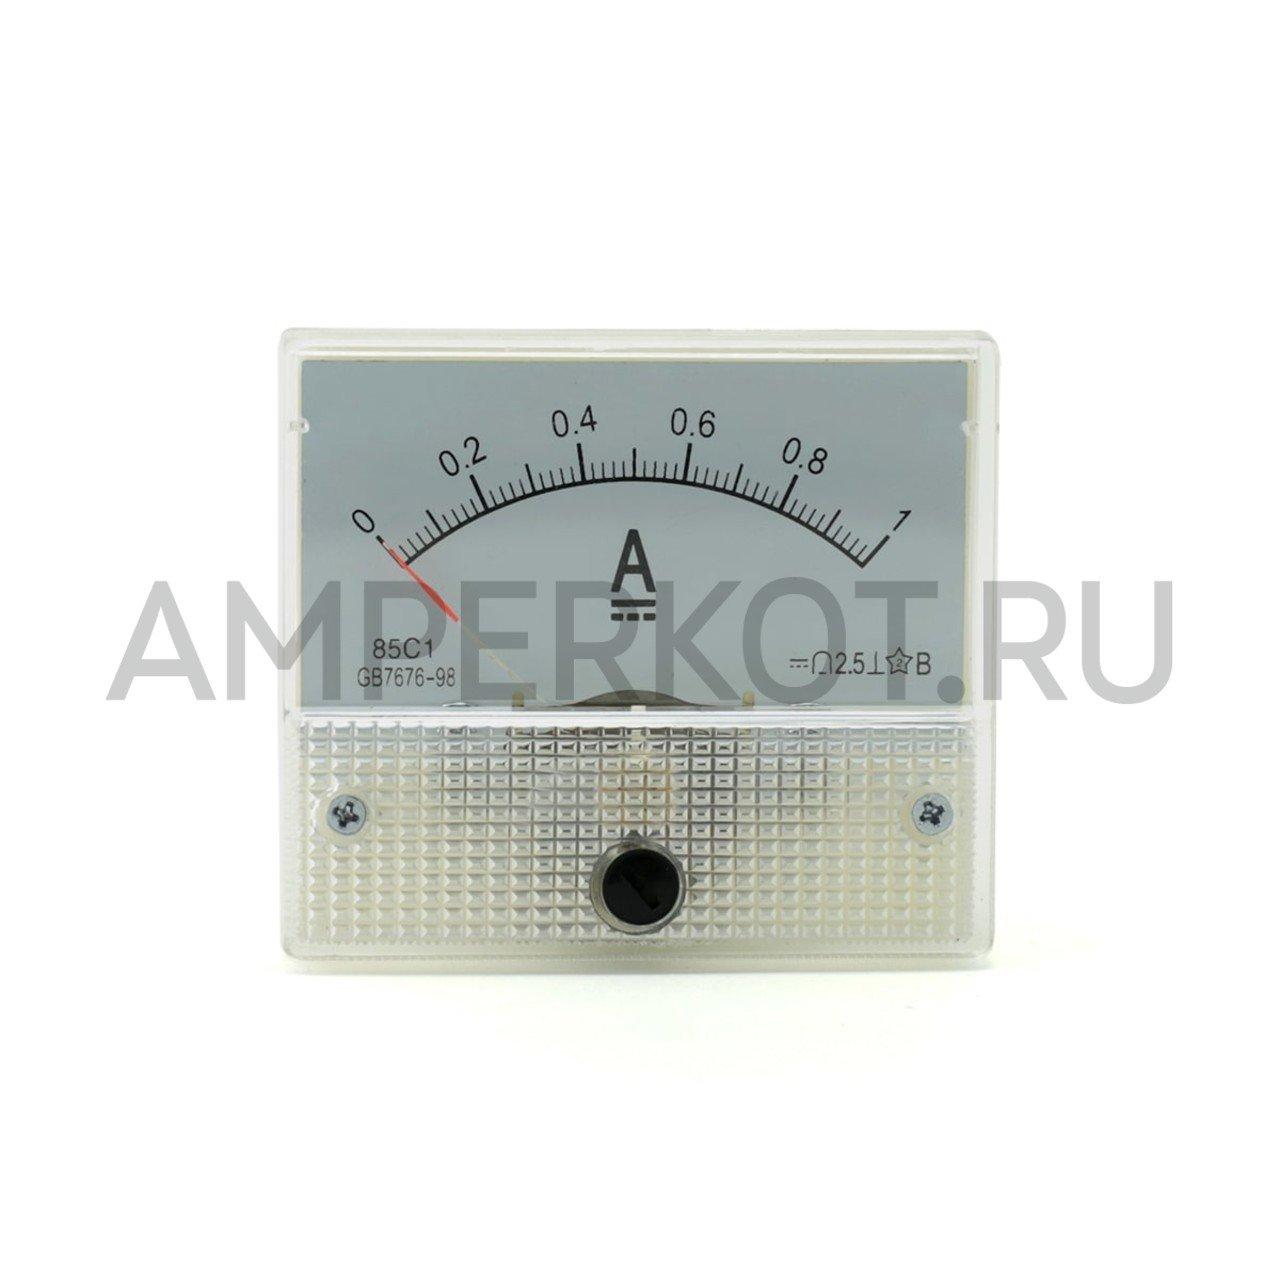 Аналоговый амперметр 85C1, 1A